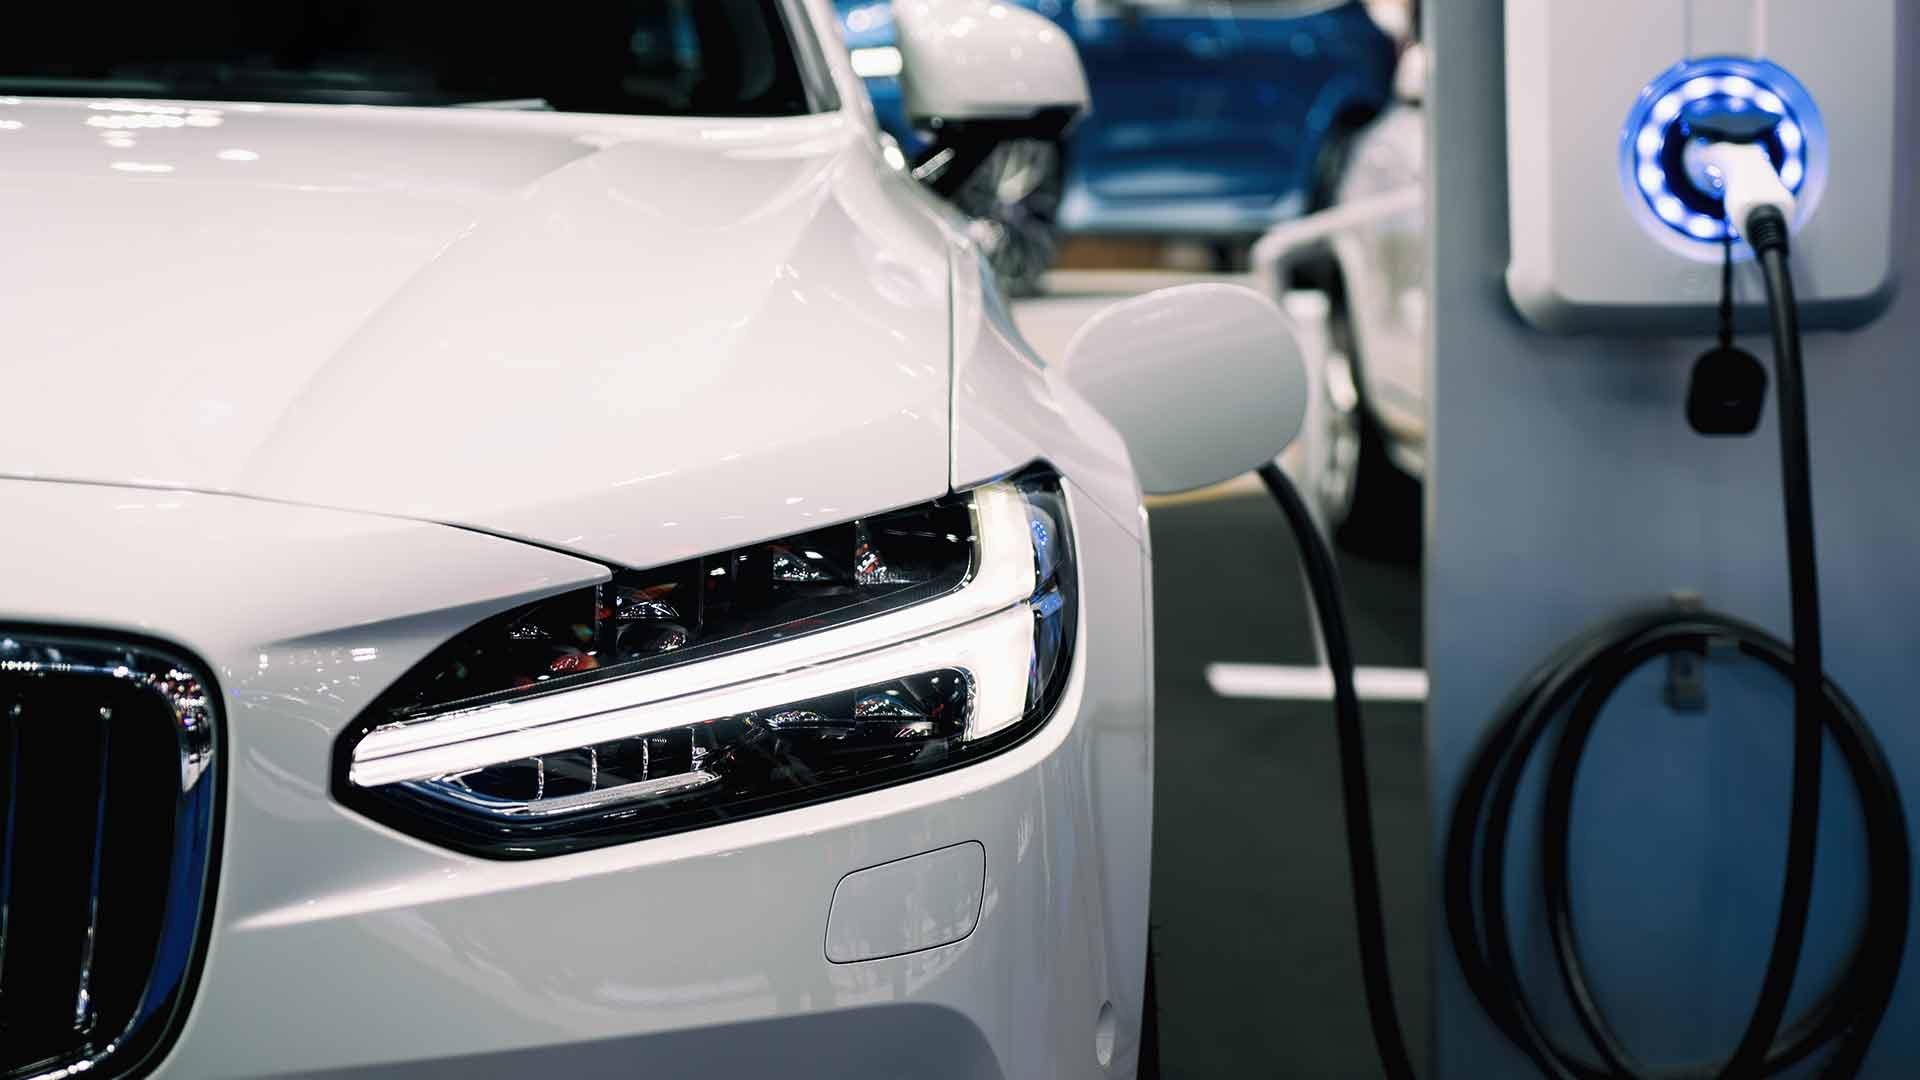 coches-electricos-debancan-gasolina